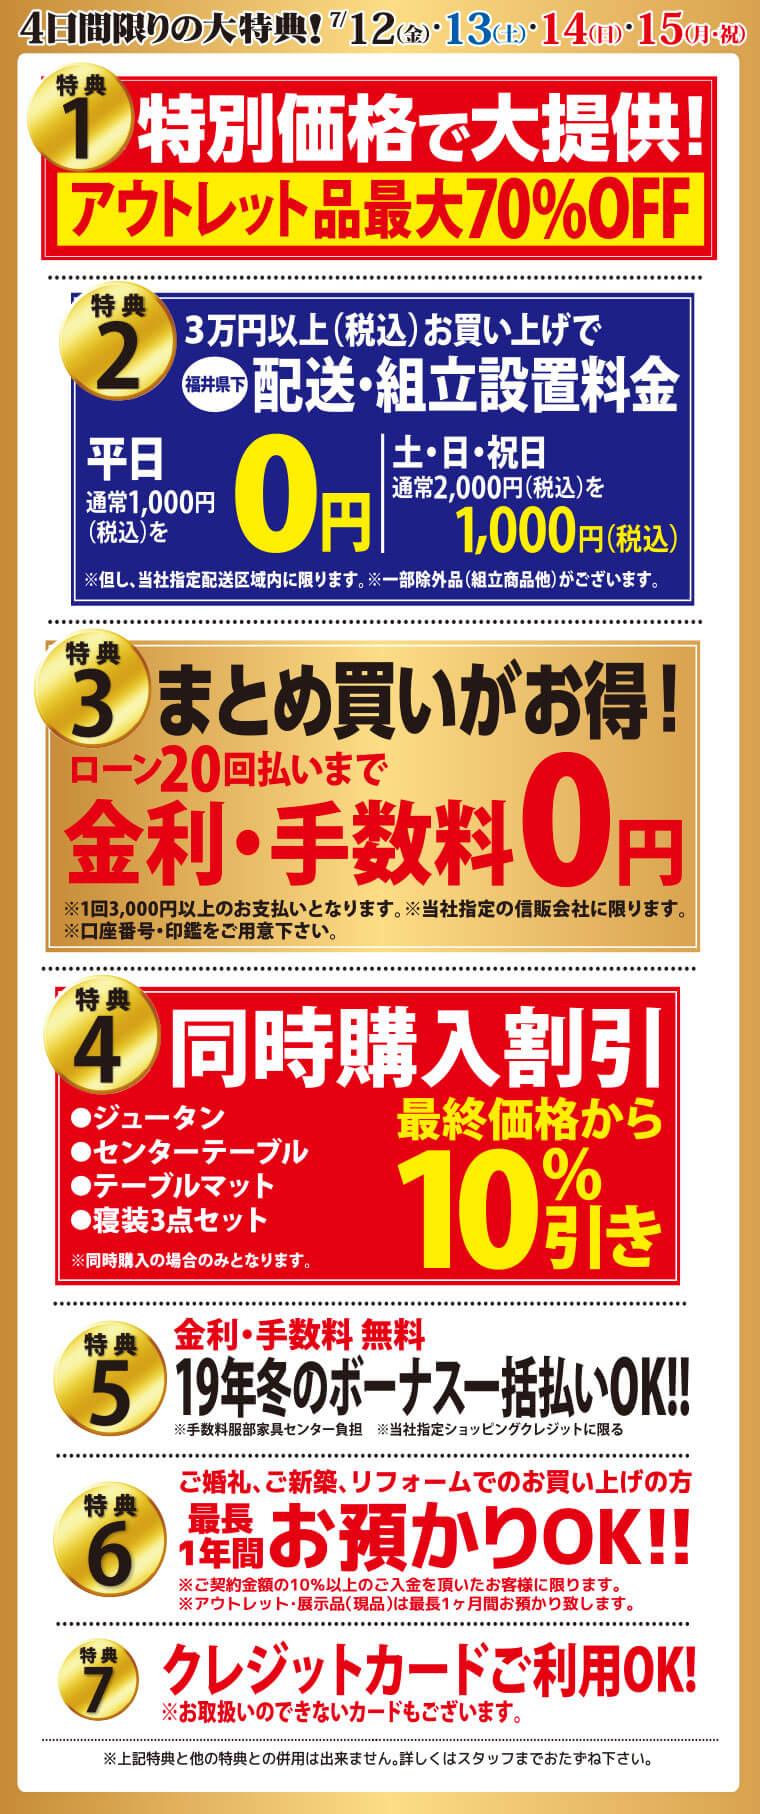 福井鯖江店の特典